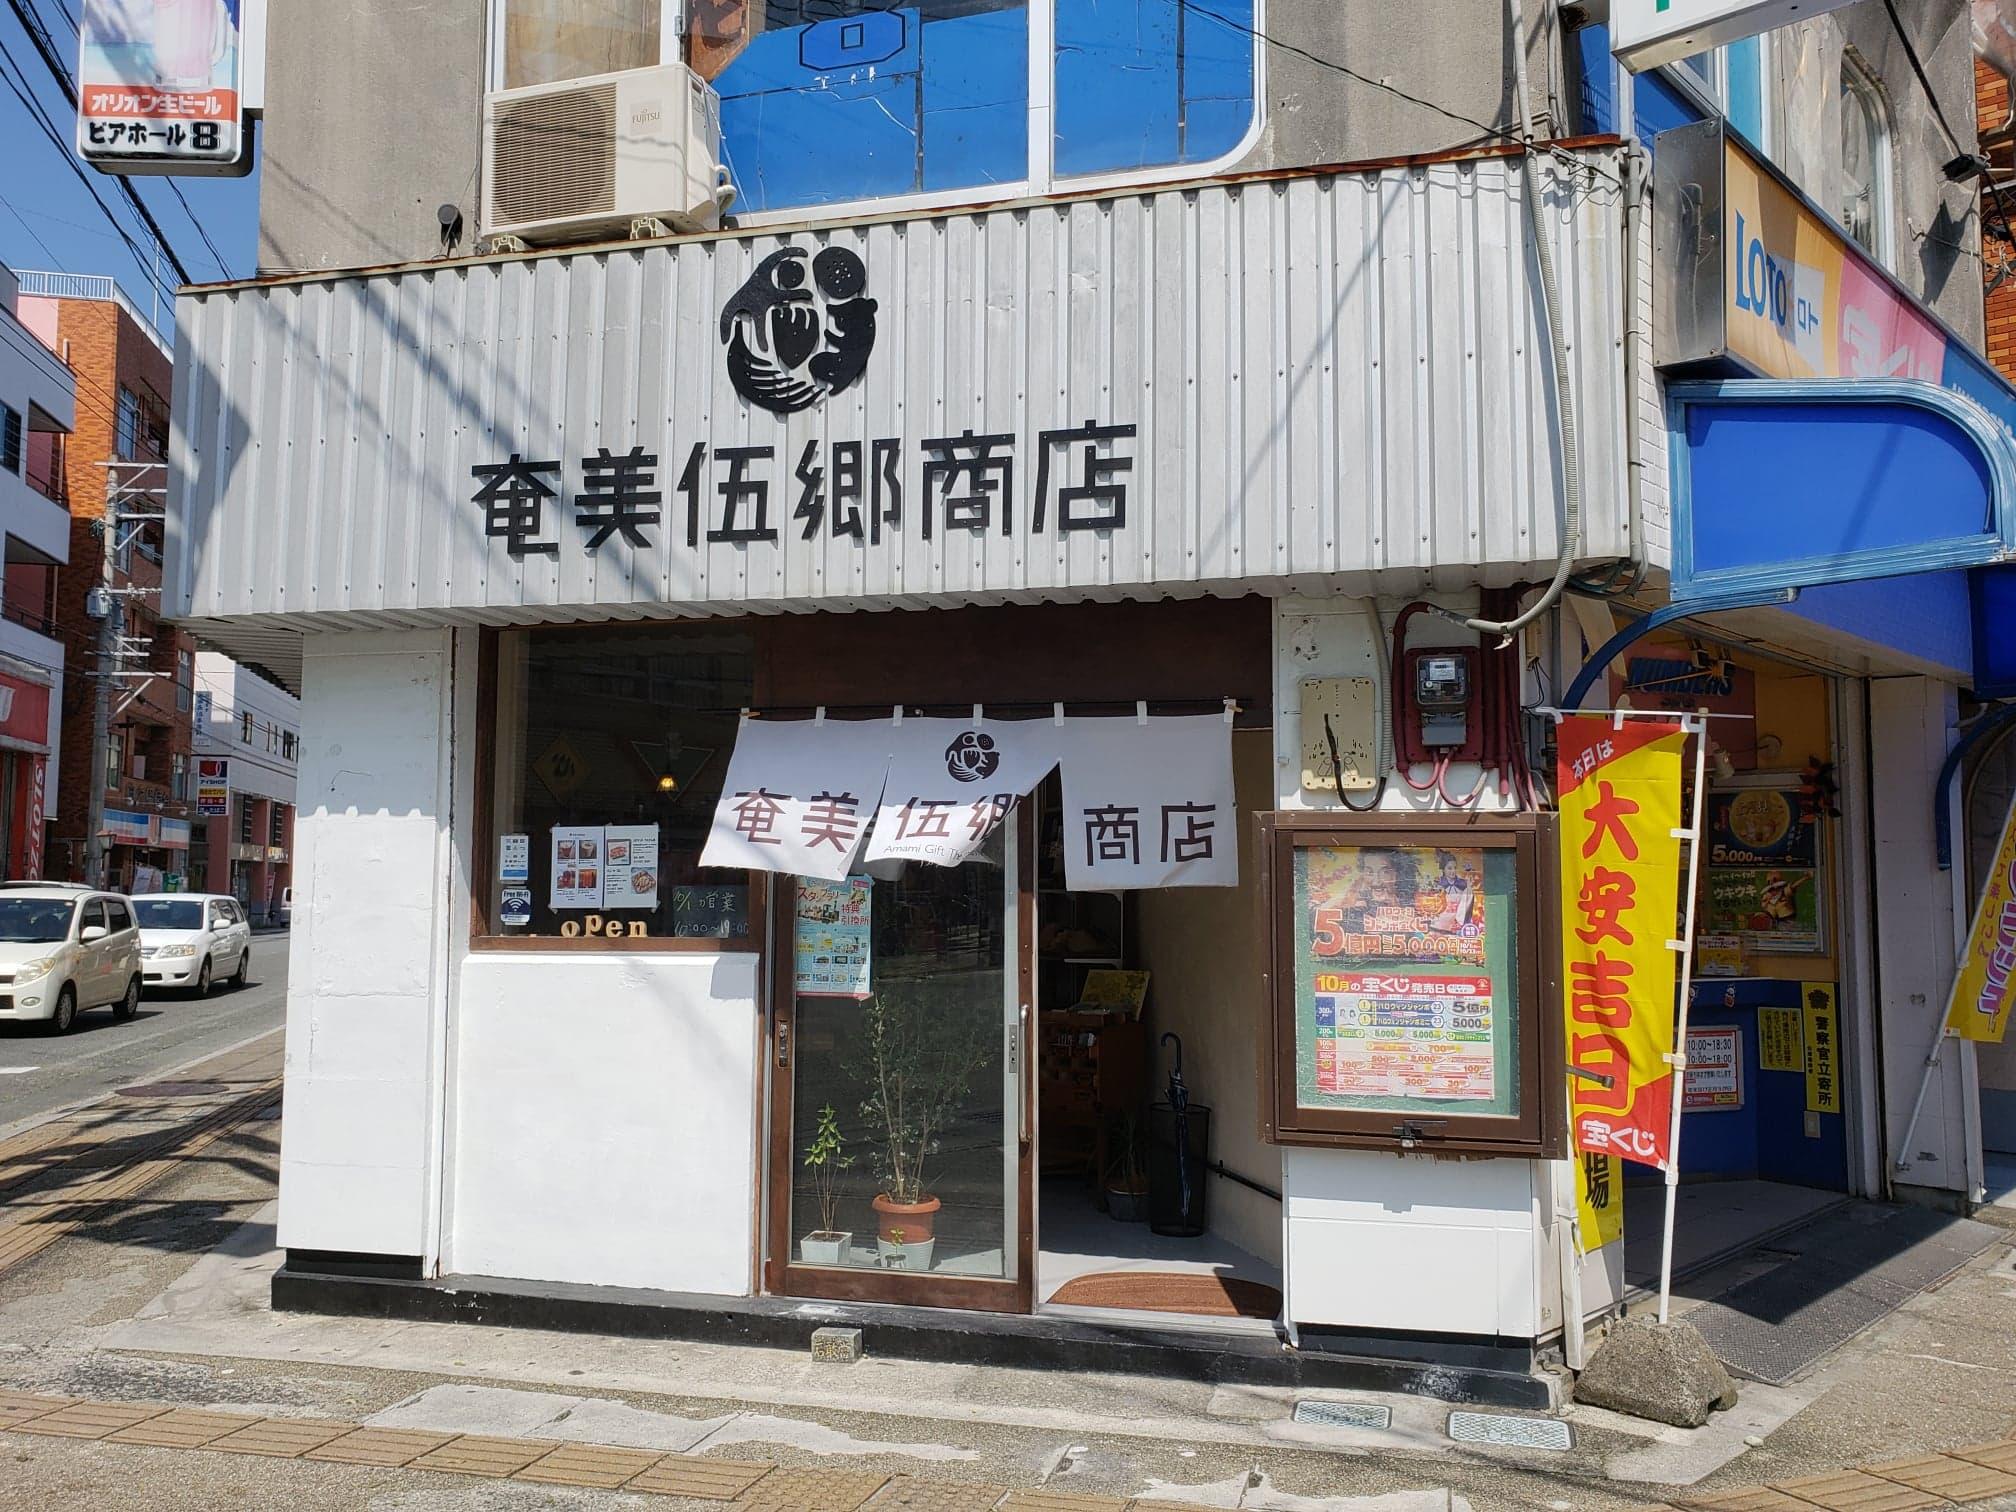 名瀬の繁華街にある奄美伍郷商店